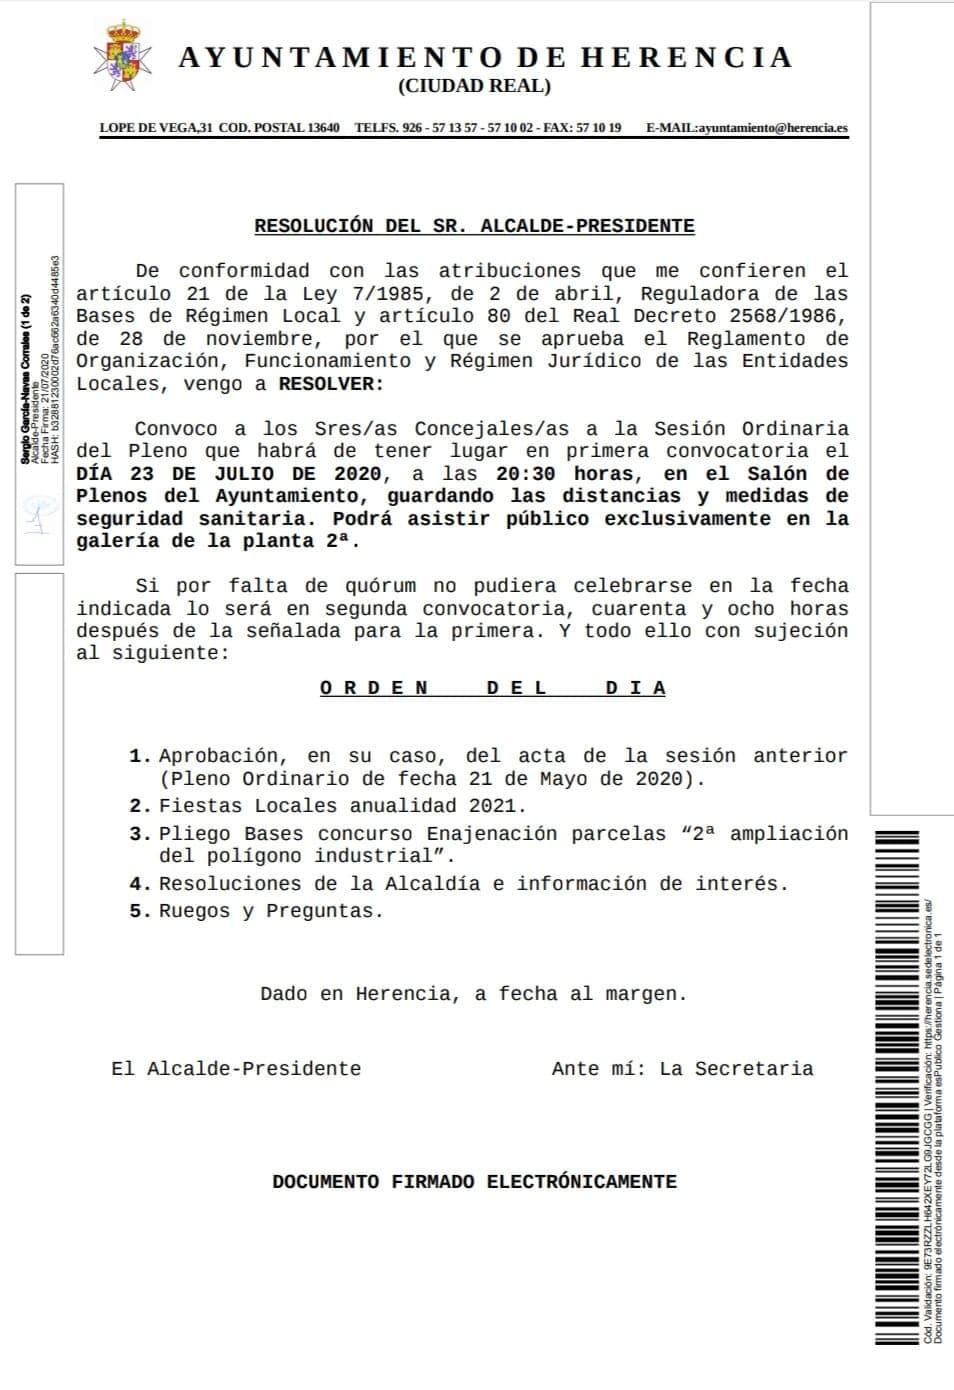 pleno 23 julio 2020 herencia - Herencia celebrará su próximo Pleno en 23 de julio de 2020 con seguridad